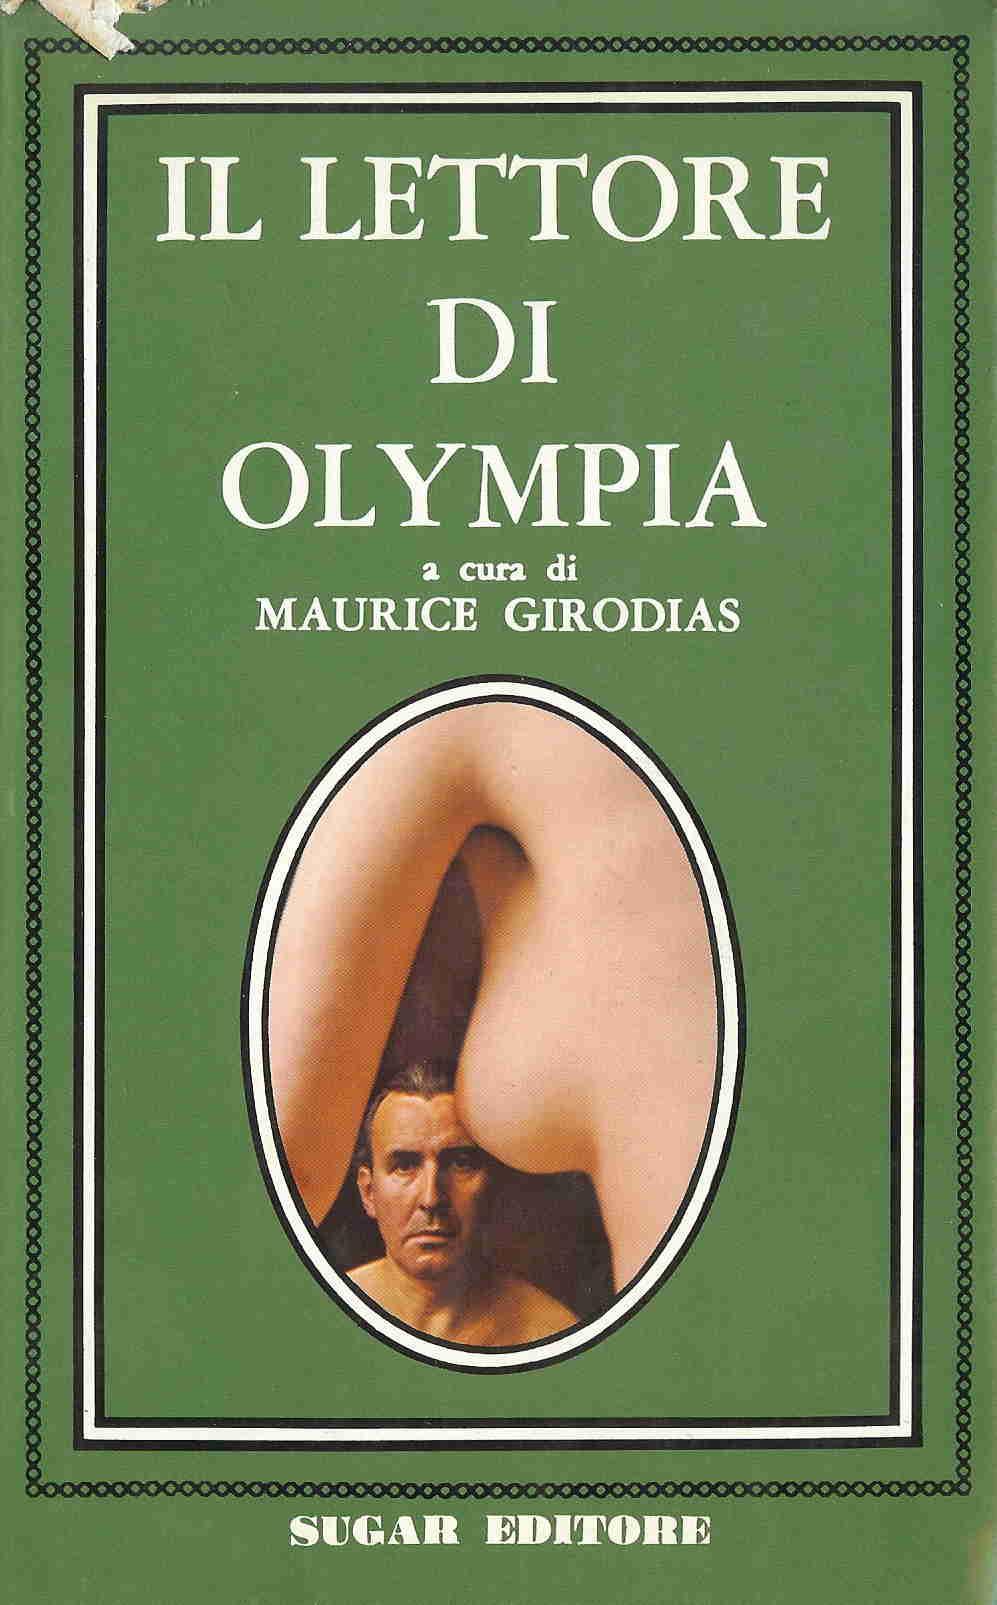 Il lettore di Olympia